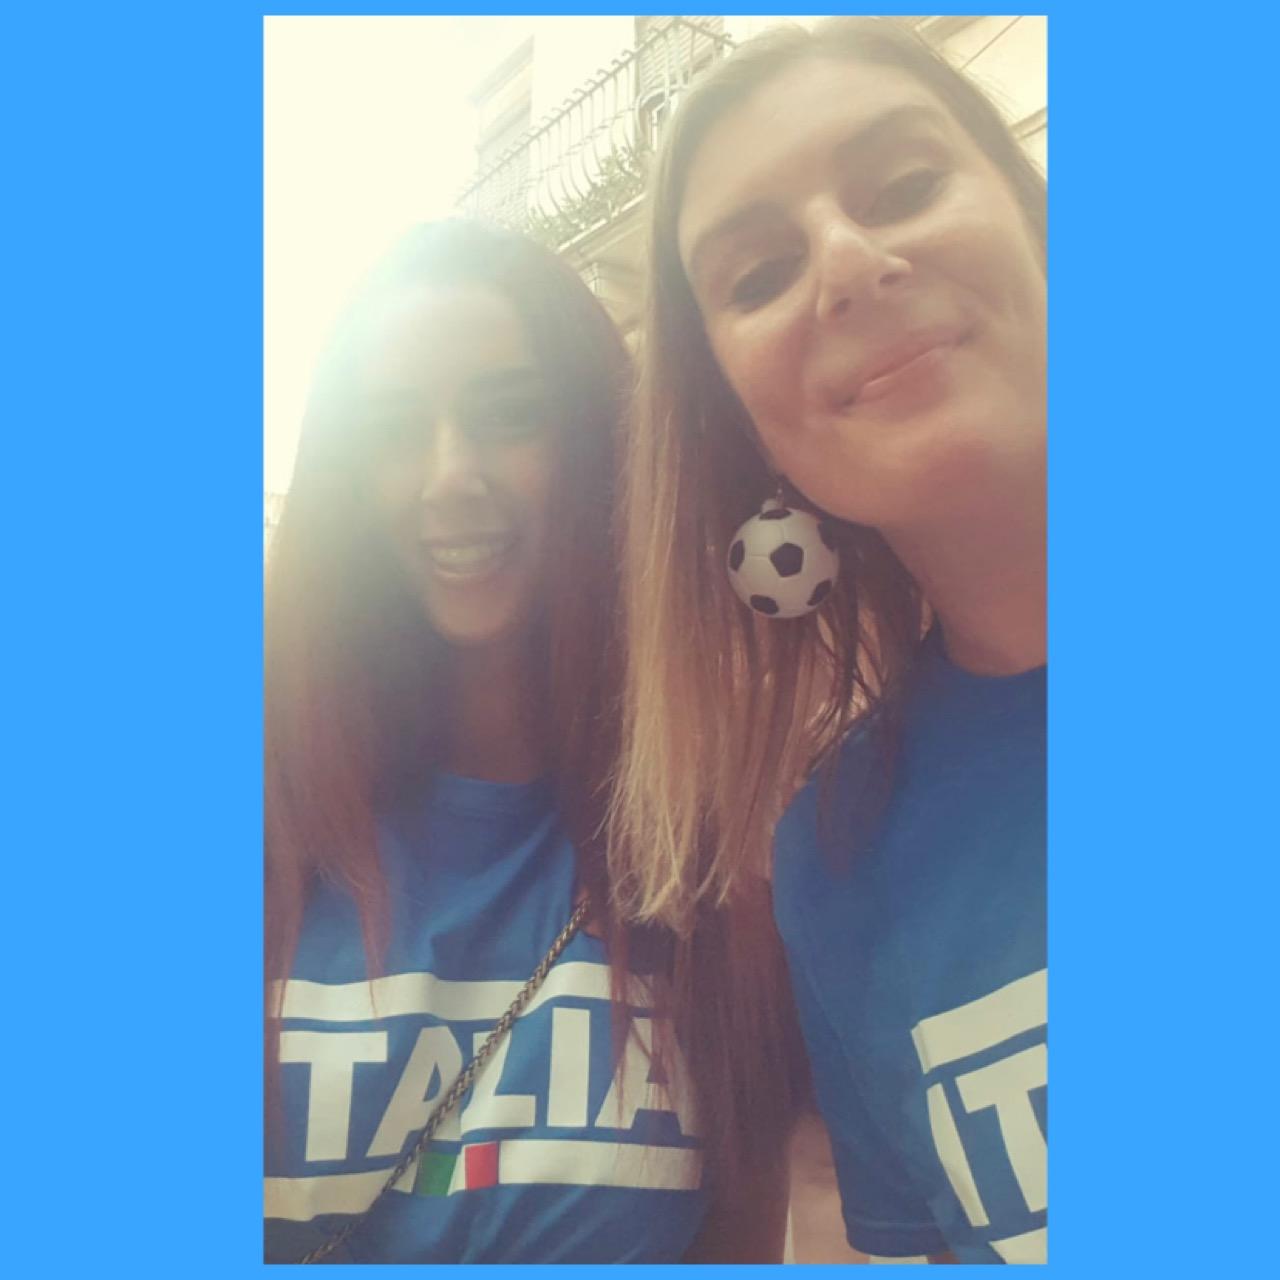 EK kwartfinale België - Italië 2021 in Taormina